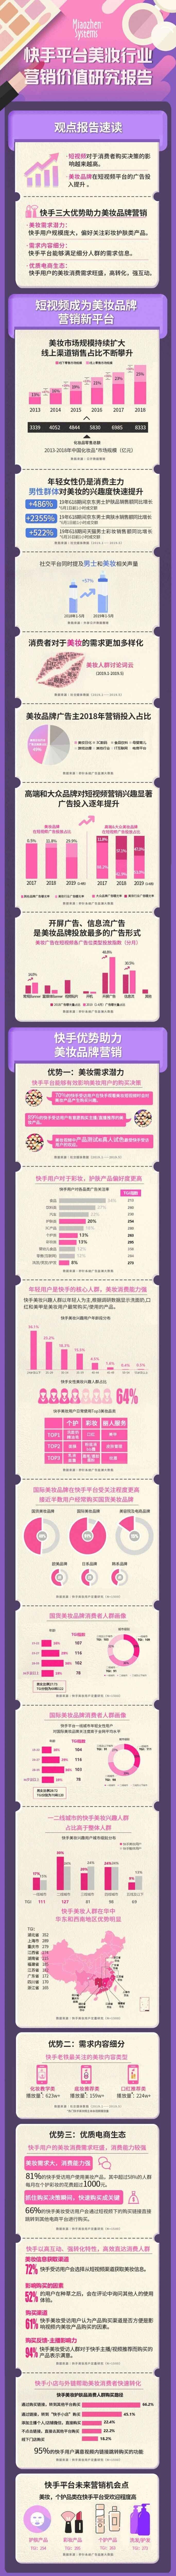 《快手平台美妆行业营销价值研究》报告:近6成老铁每月在个护彩妆上花费超千元_行业观察_电商之家